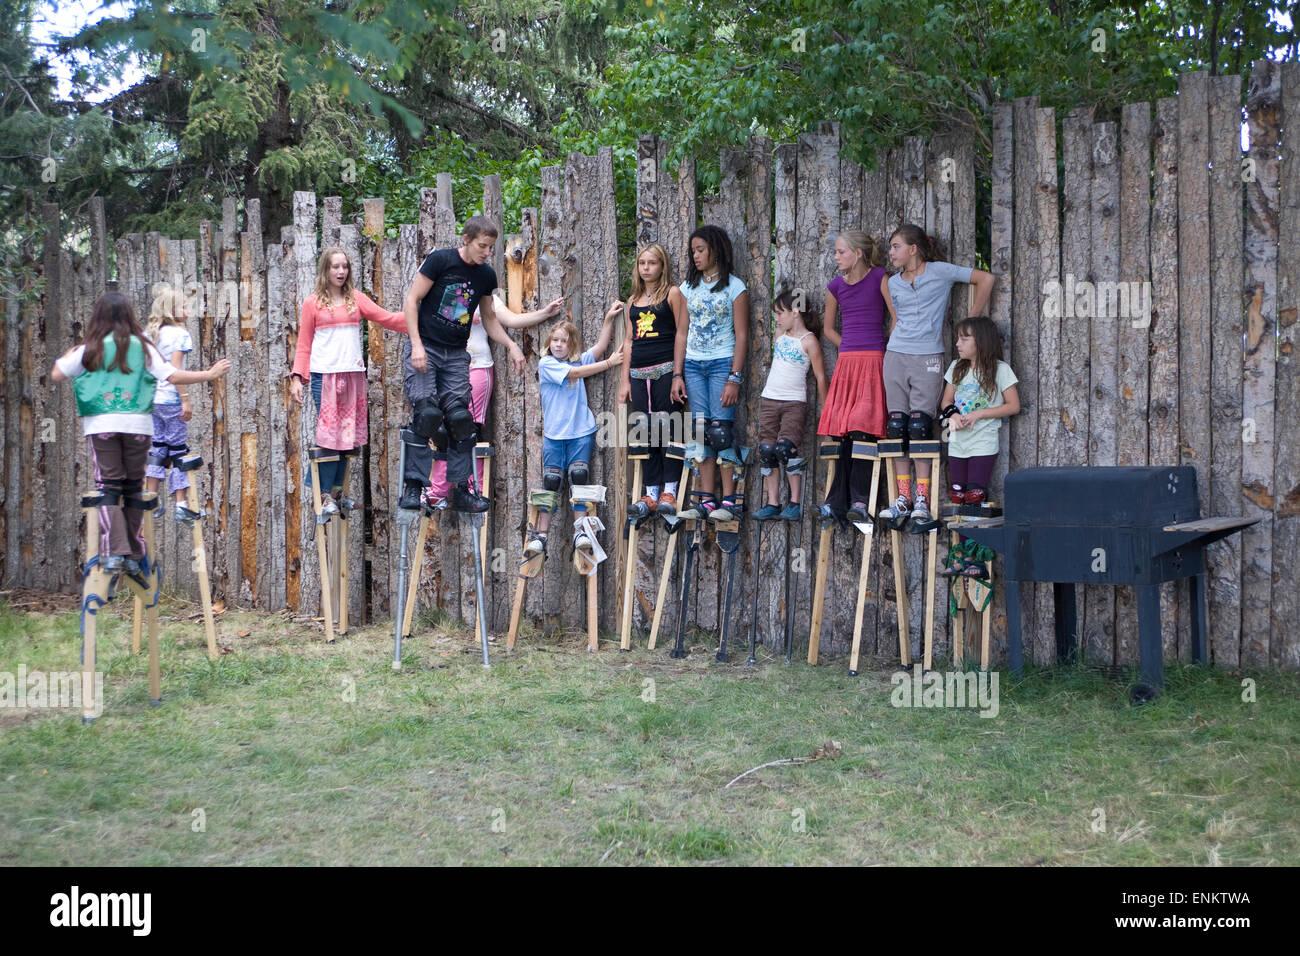 Lernen Stelzen laufen in einem Zirkus Sommerlager in Penasco, New Mexico. Stockfoto